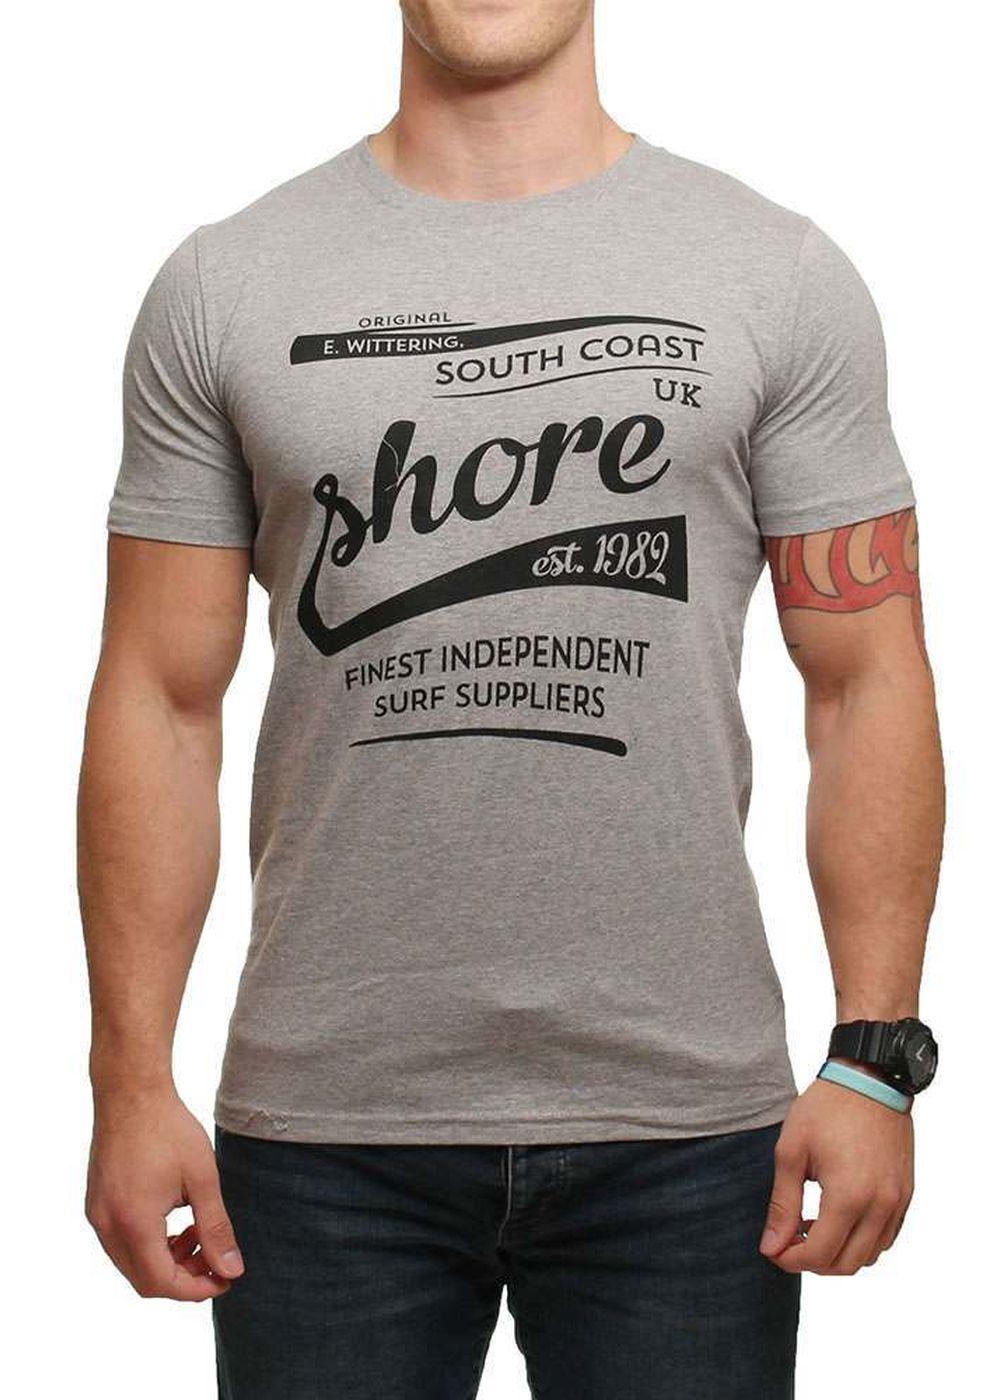 http://www.shore.co.uk/media/catalog/product/S/H/SHSCRPGRa.jpg